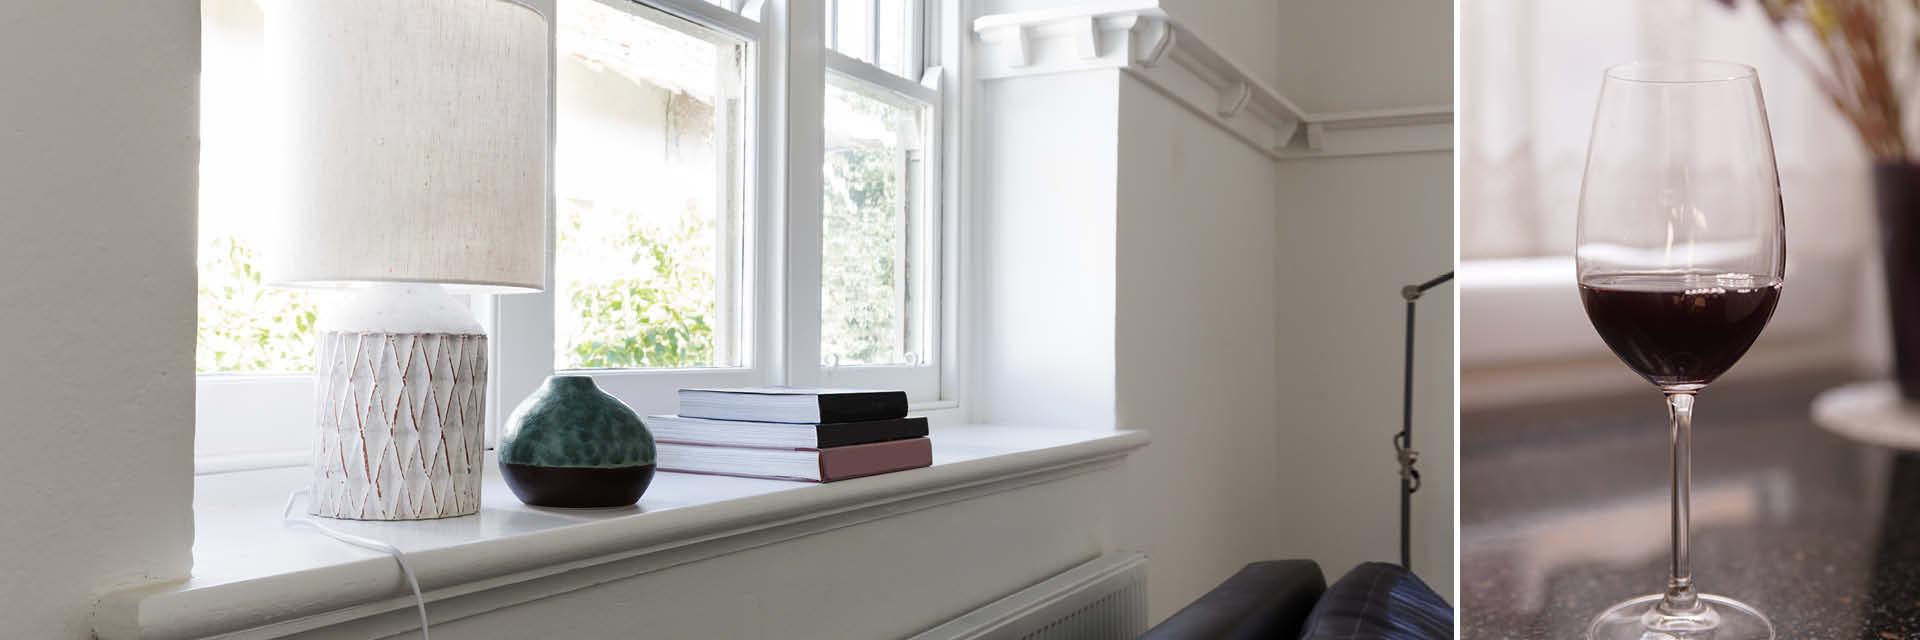 Full Size of Fensterbnke Optimal Genutzt Deko Für Küche Badezimmer Schlafzimmer Wohnzimmer Wanddeko Dekoration Wohnzimmer Deko Fensterbank